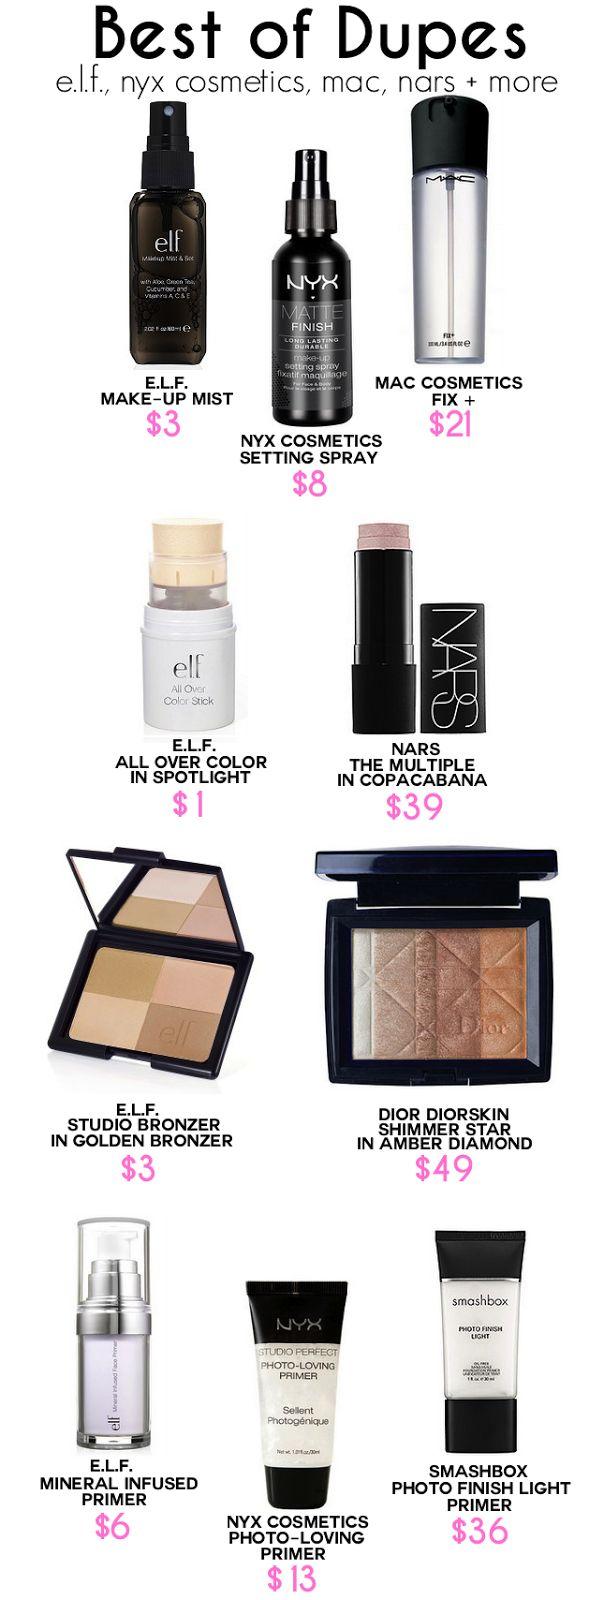 Best of Dupes: Face + Primer Make-Up Alternatives #DupeGuide